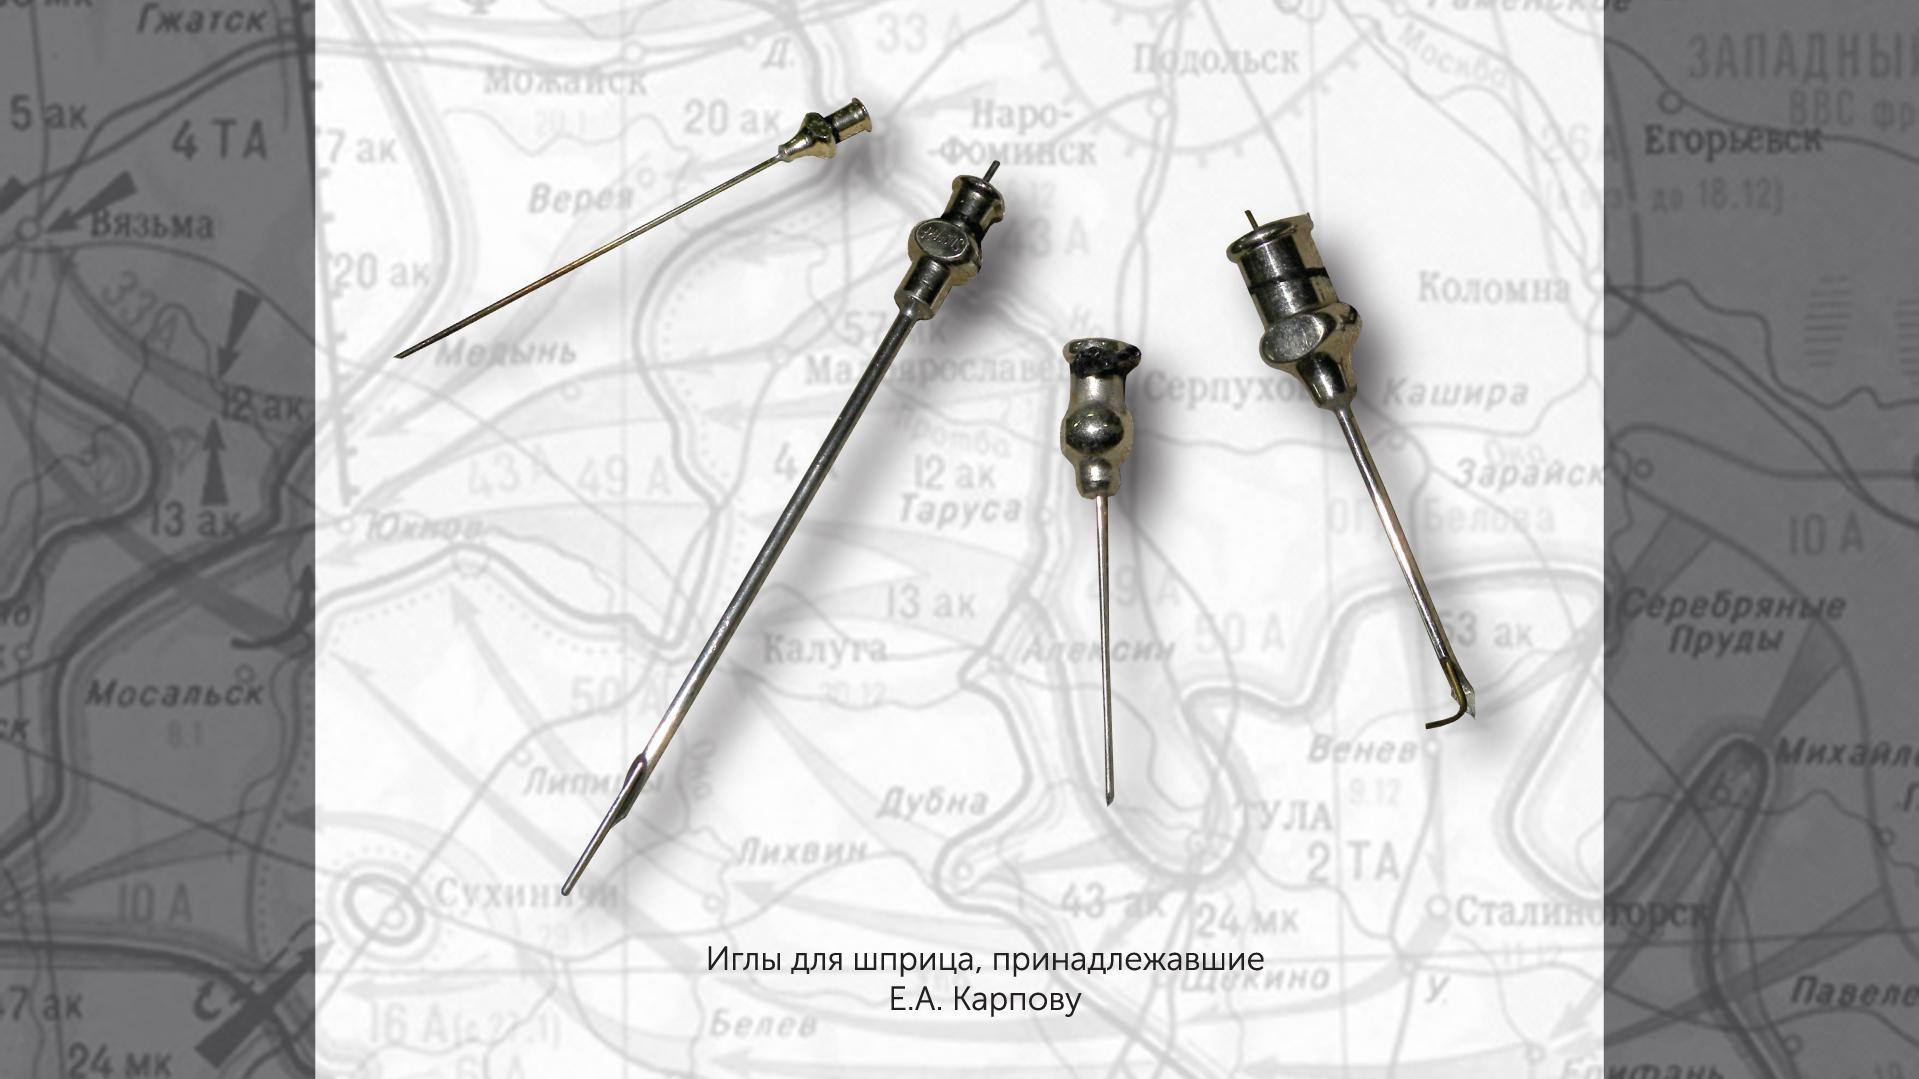 Иглы для шприца, принадлежащие Е.А. Карпову